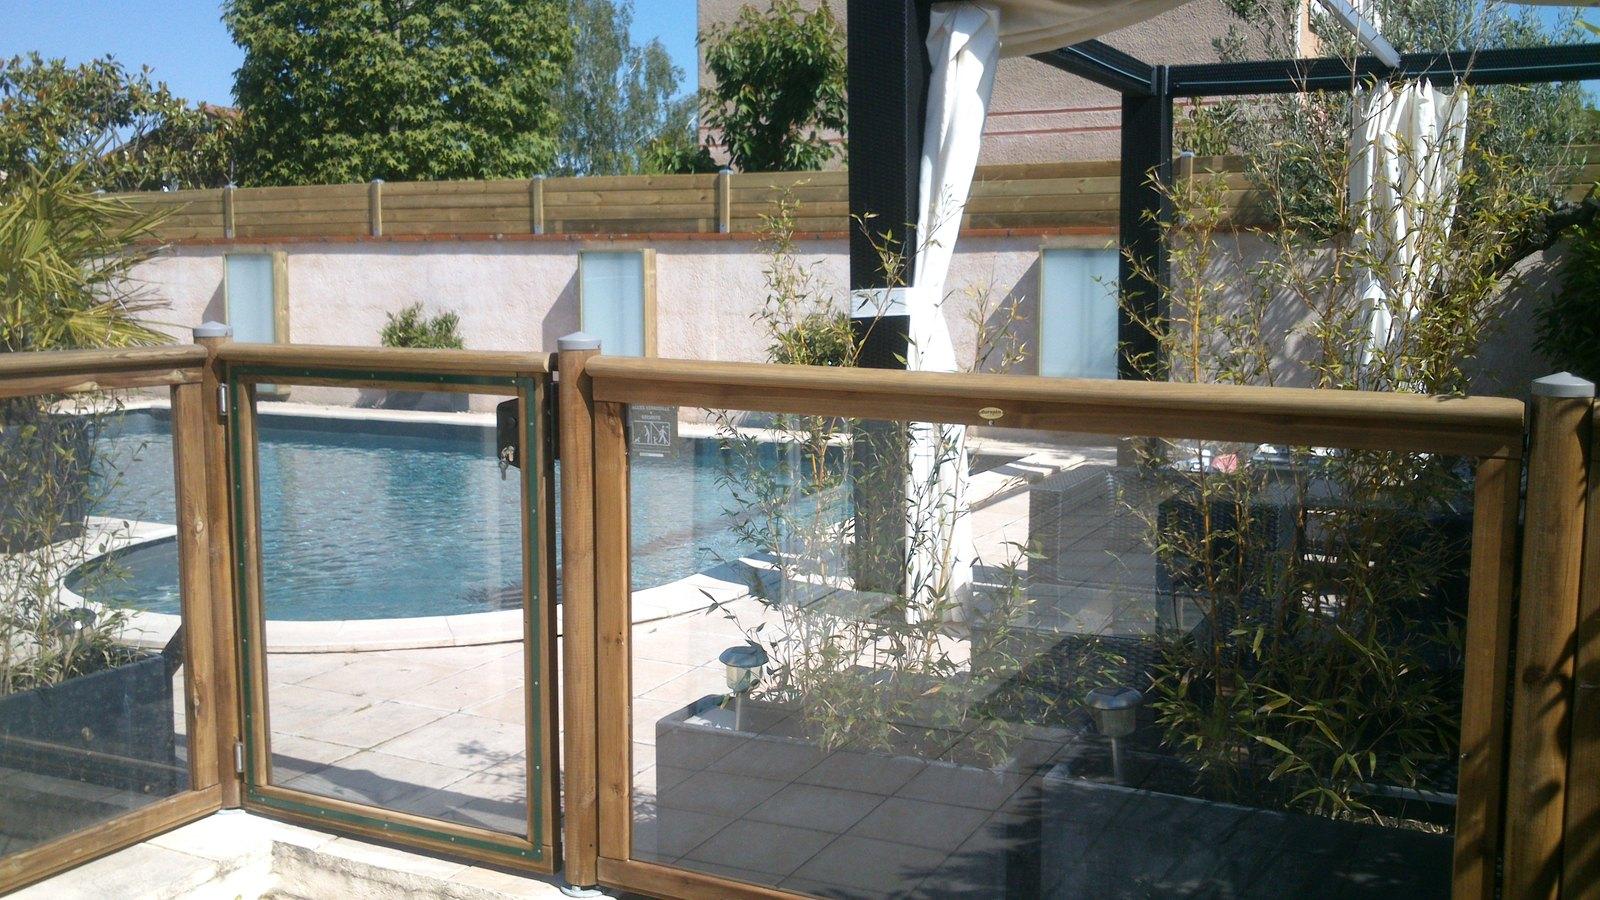 barriere pour terrasse top quel serait prix garde corps. Black Bedroom Furniture Sets. Home Design Ideas